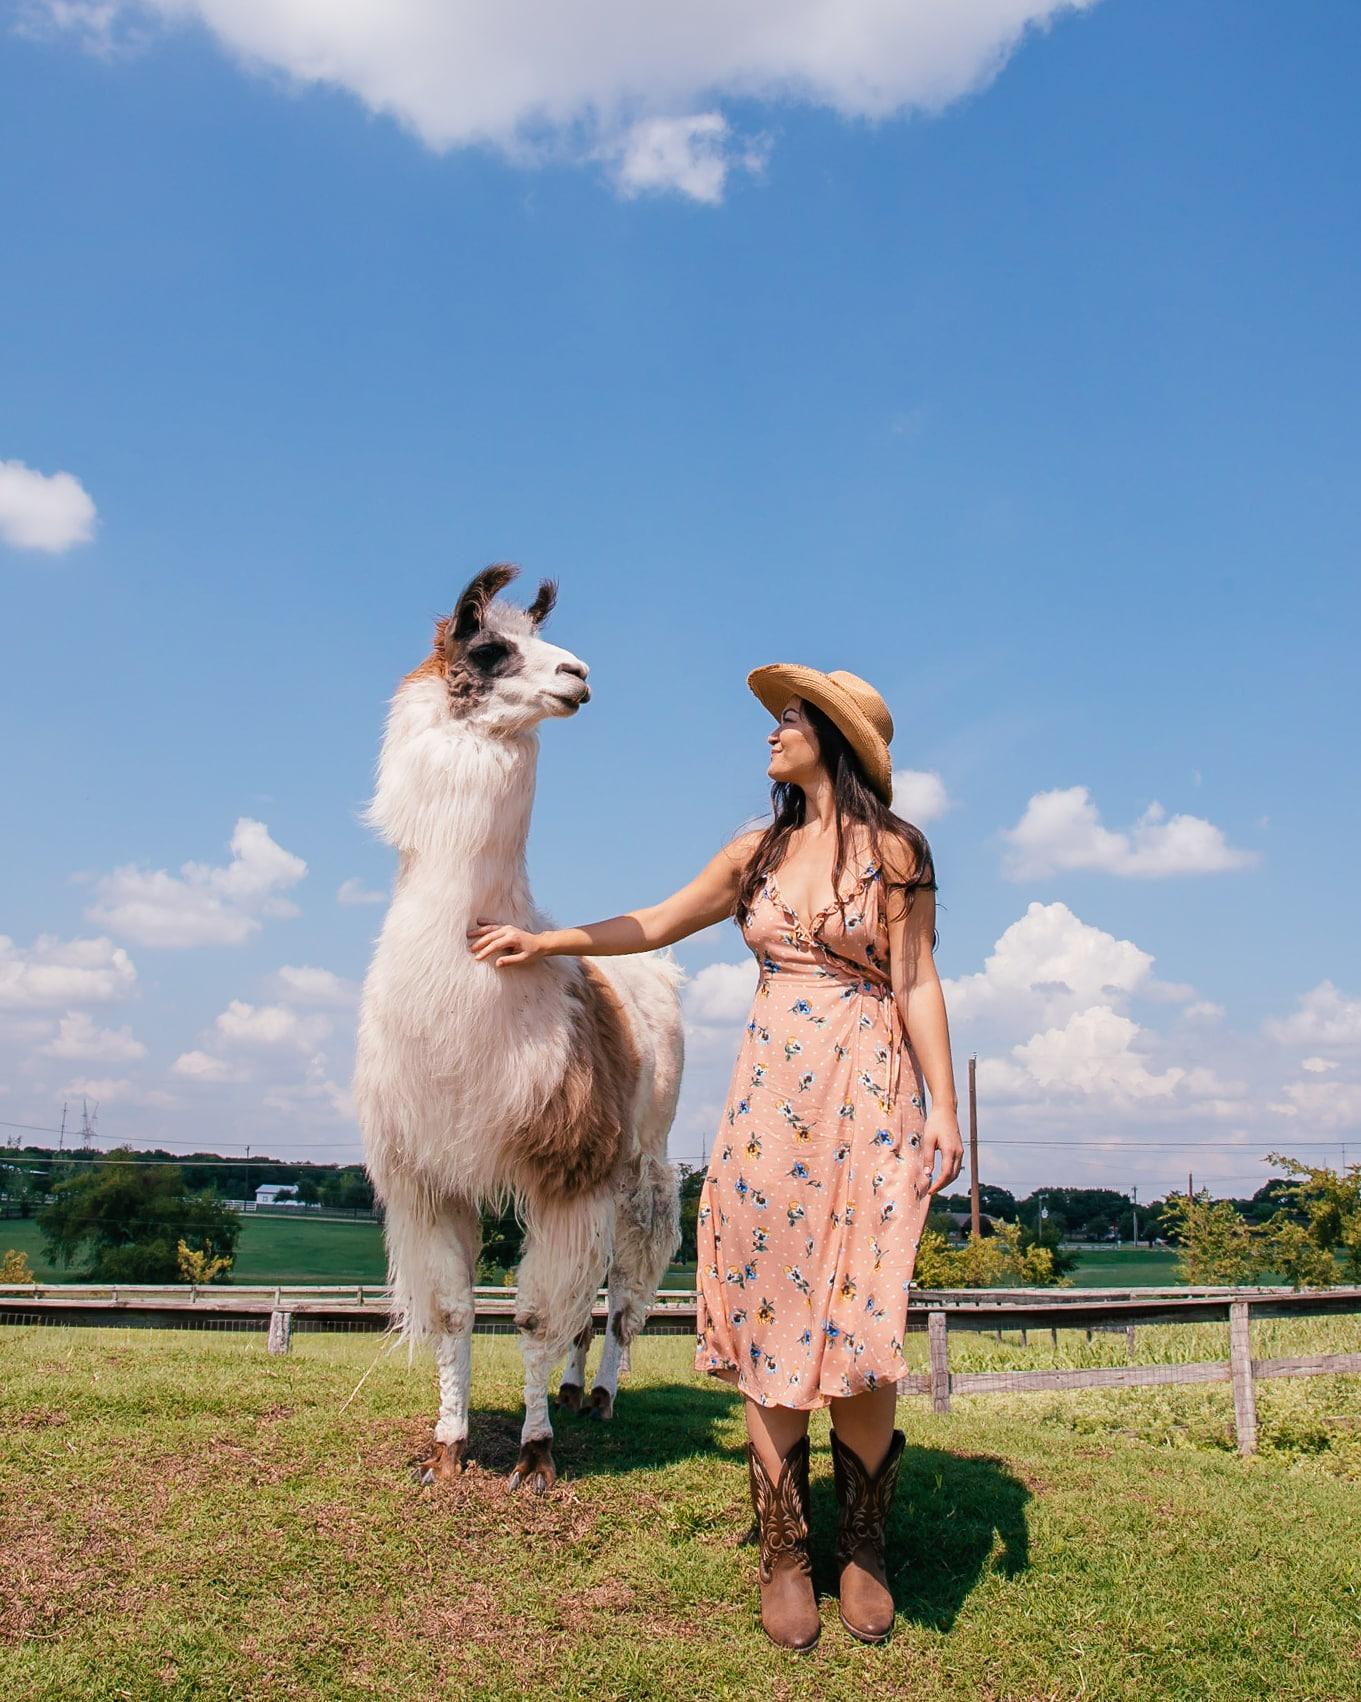 Lloving Llamas: Our Time at Shangrillama, Dallas